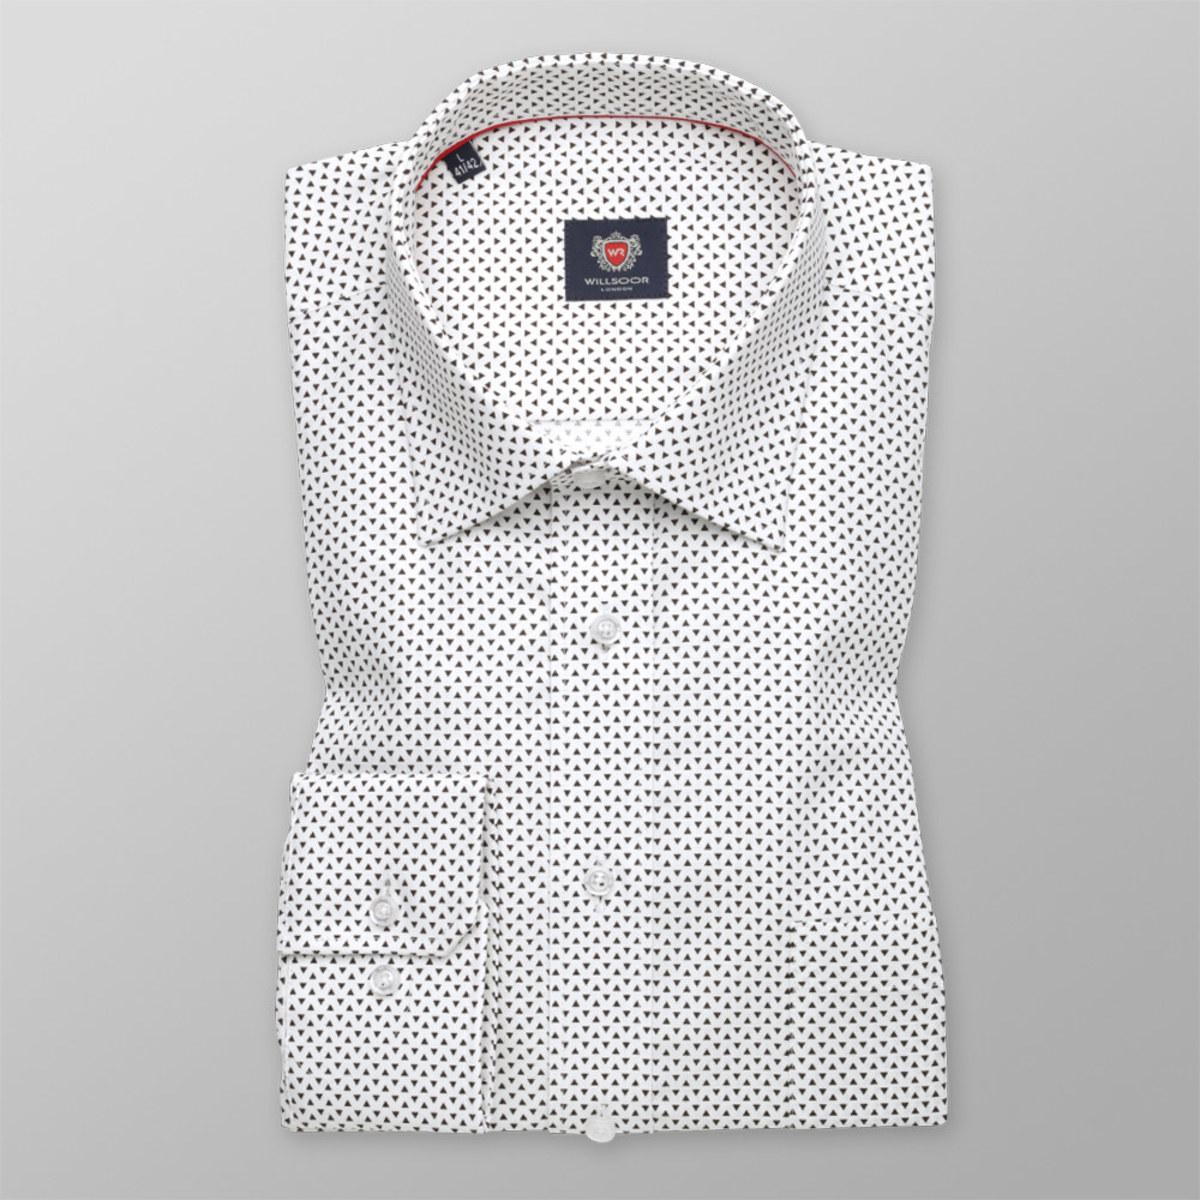 Košile London s potiskem trojúhelníků (výška 176-182) 10228 176-182 / L (41/42)